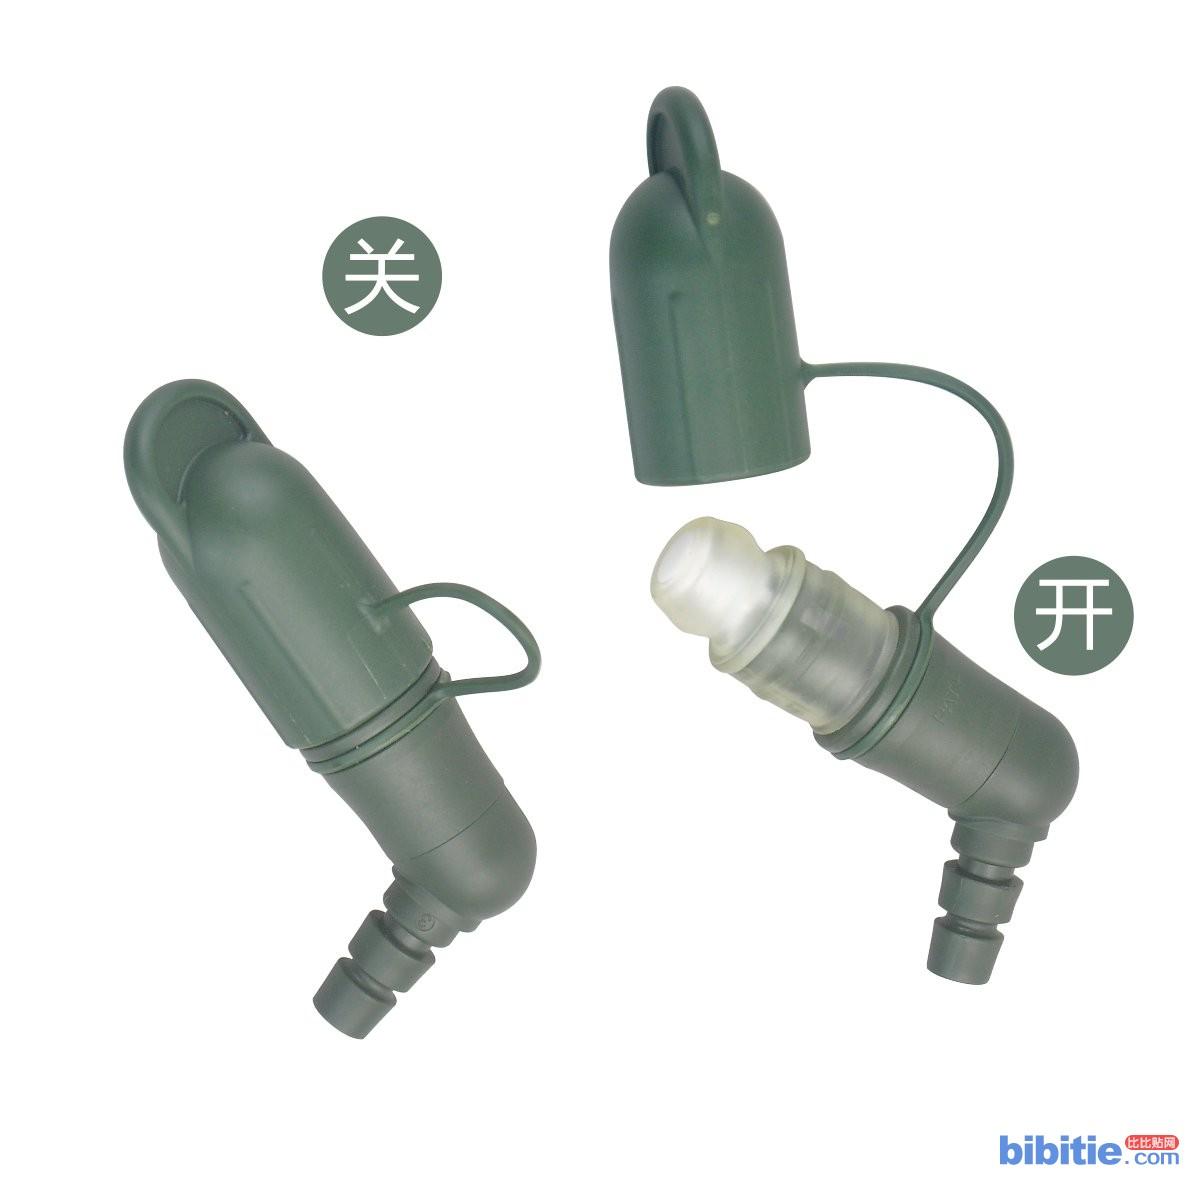 户外饮水袋配件吸嘴组硅胶安全卫生军绿弯头咬嘴图片